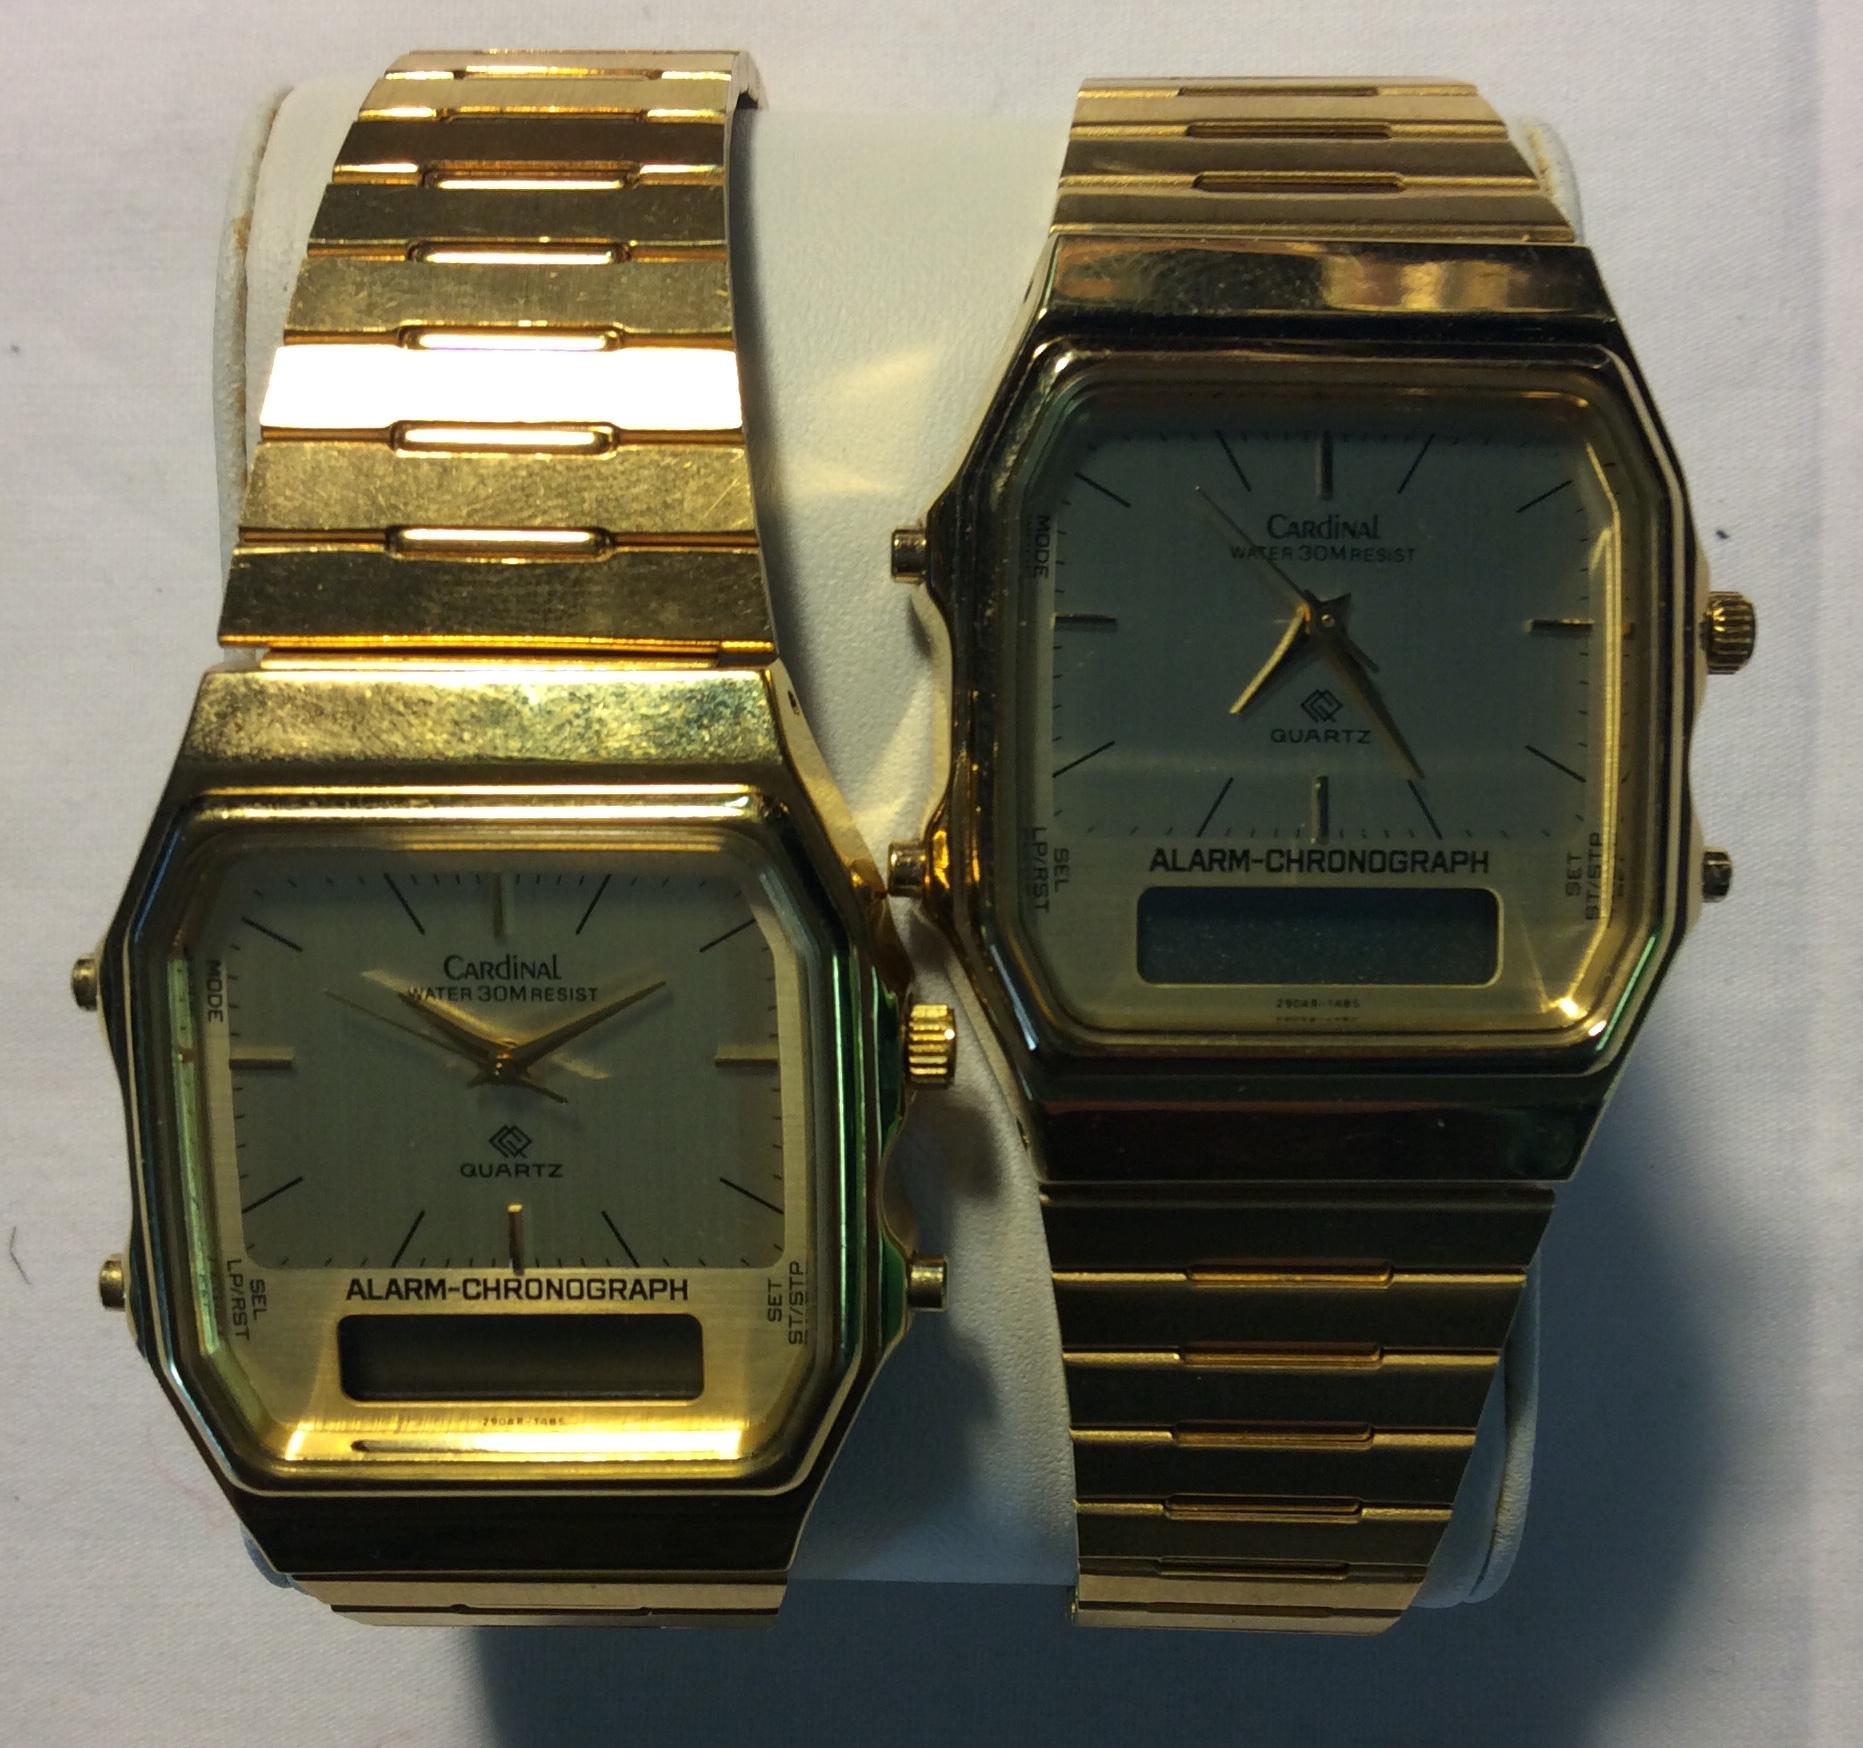 Cardinal watch - Hexagonal gold face